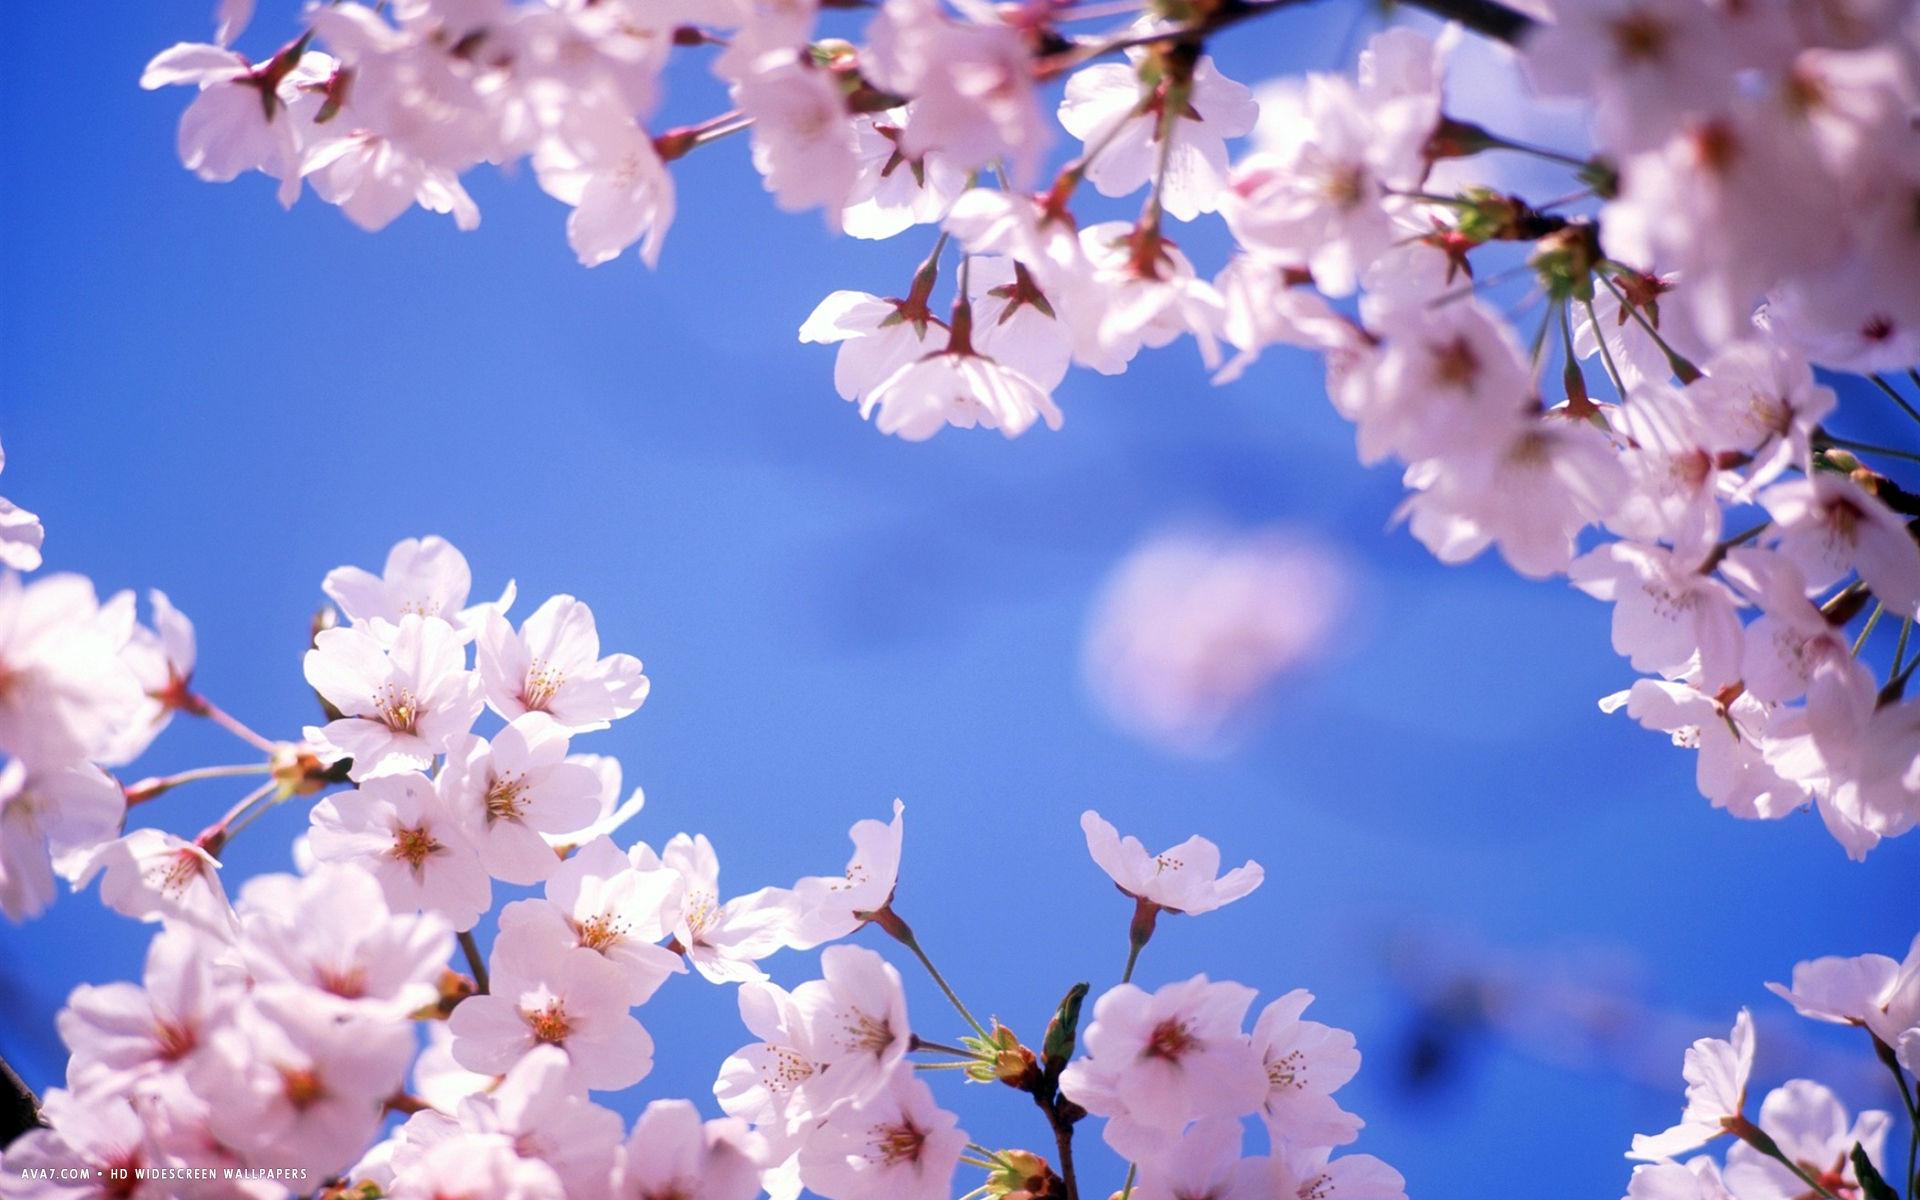 cherry blossom flower hd widescreen wallpaper / flowers backgrounds